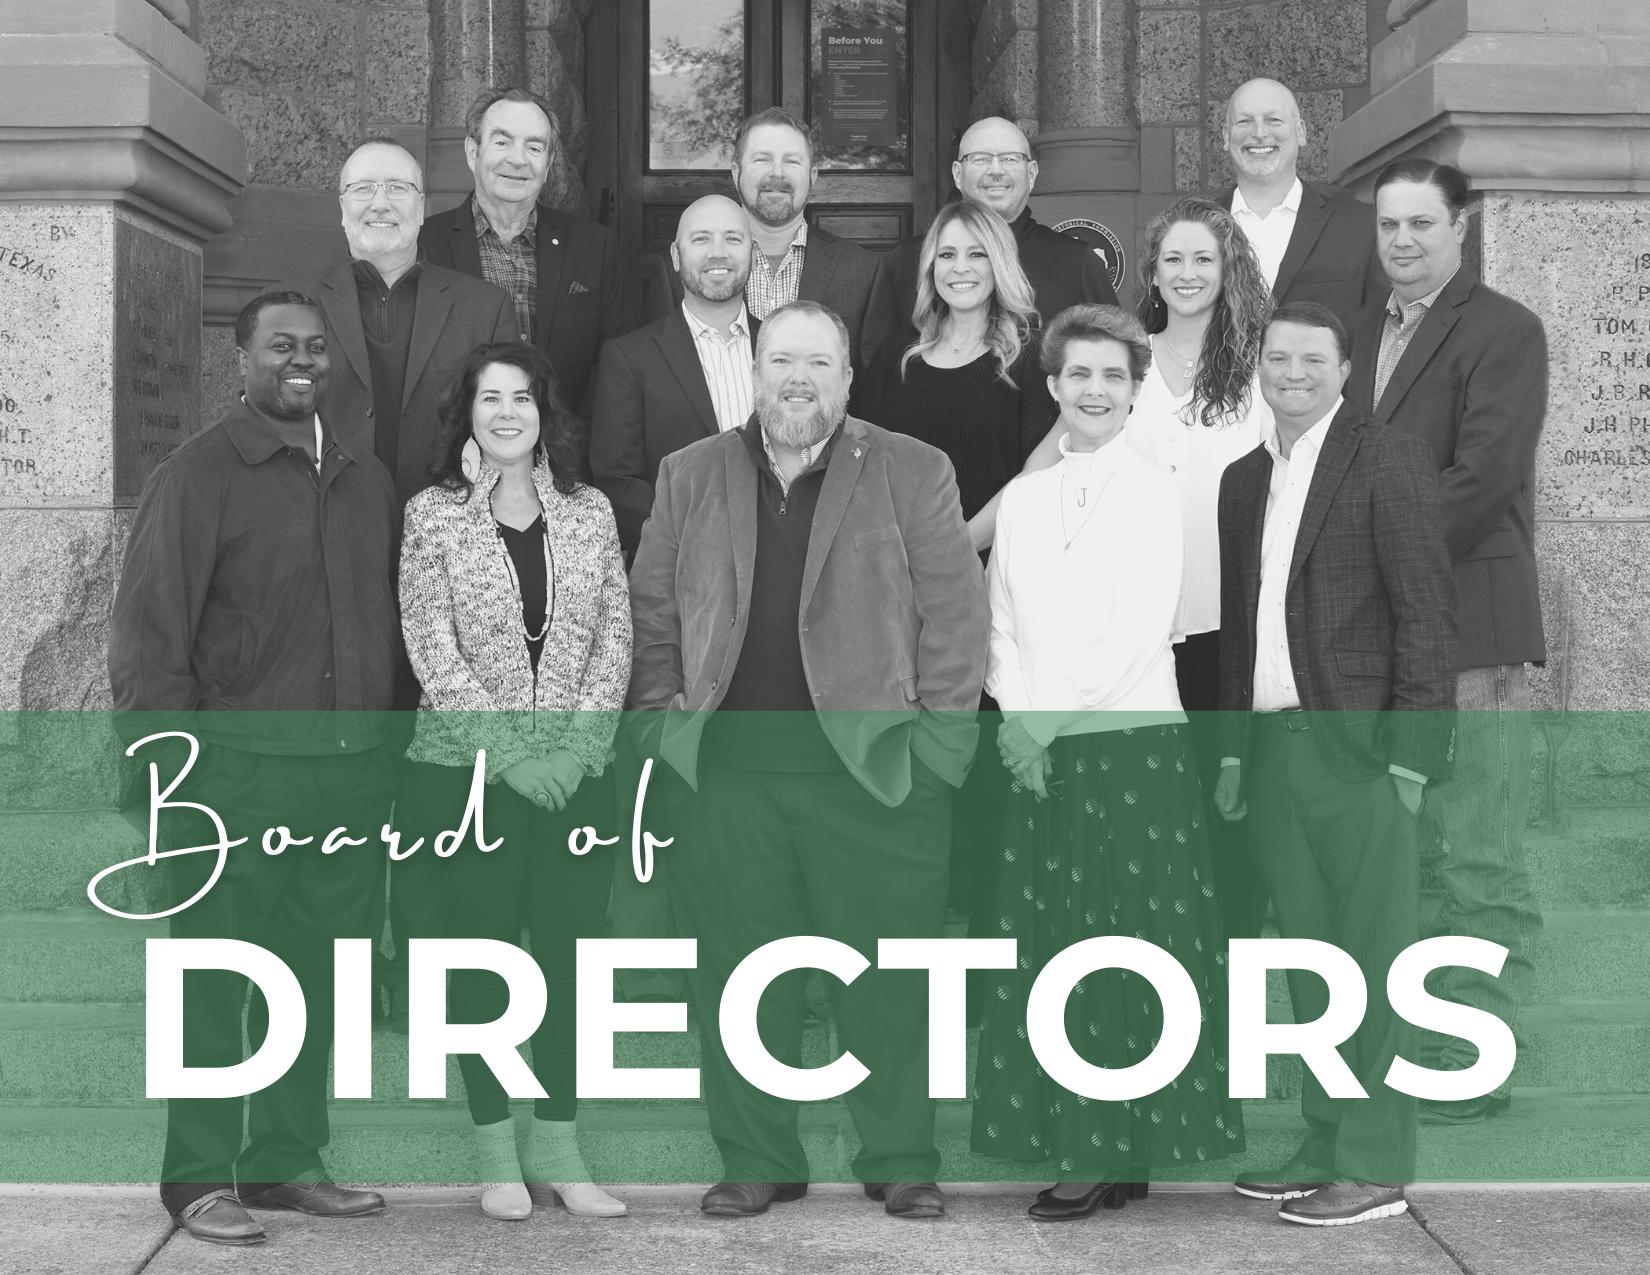 2020-BOARD-OF-DIRECTORS.png